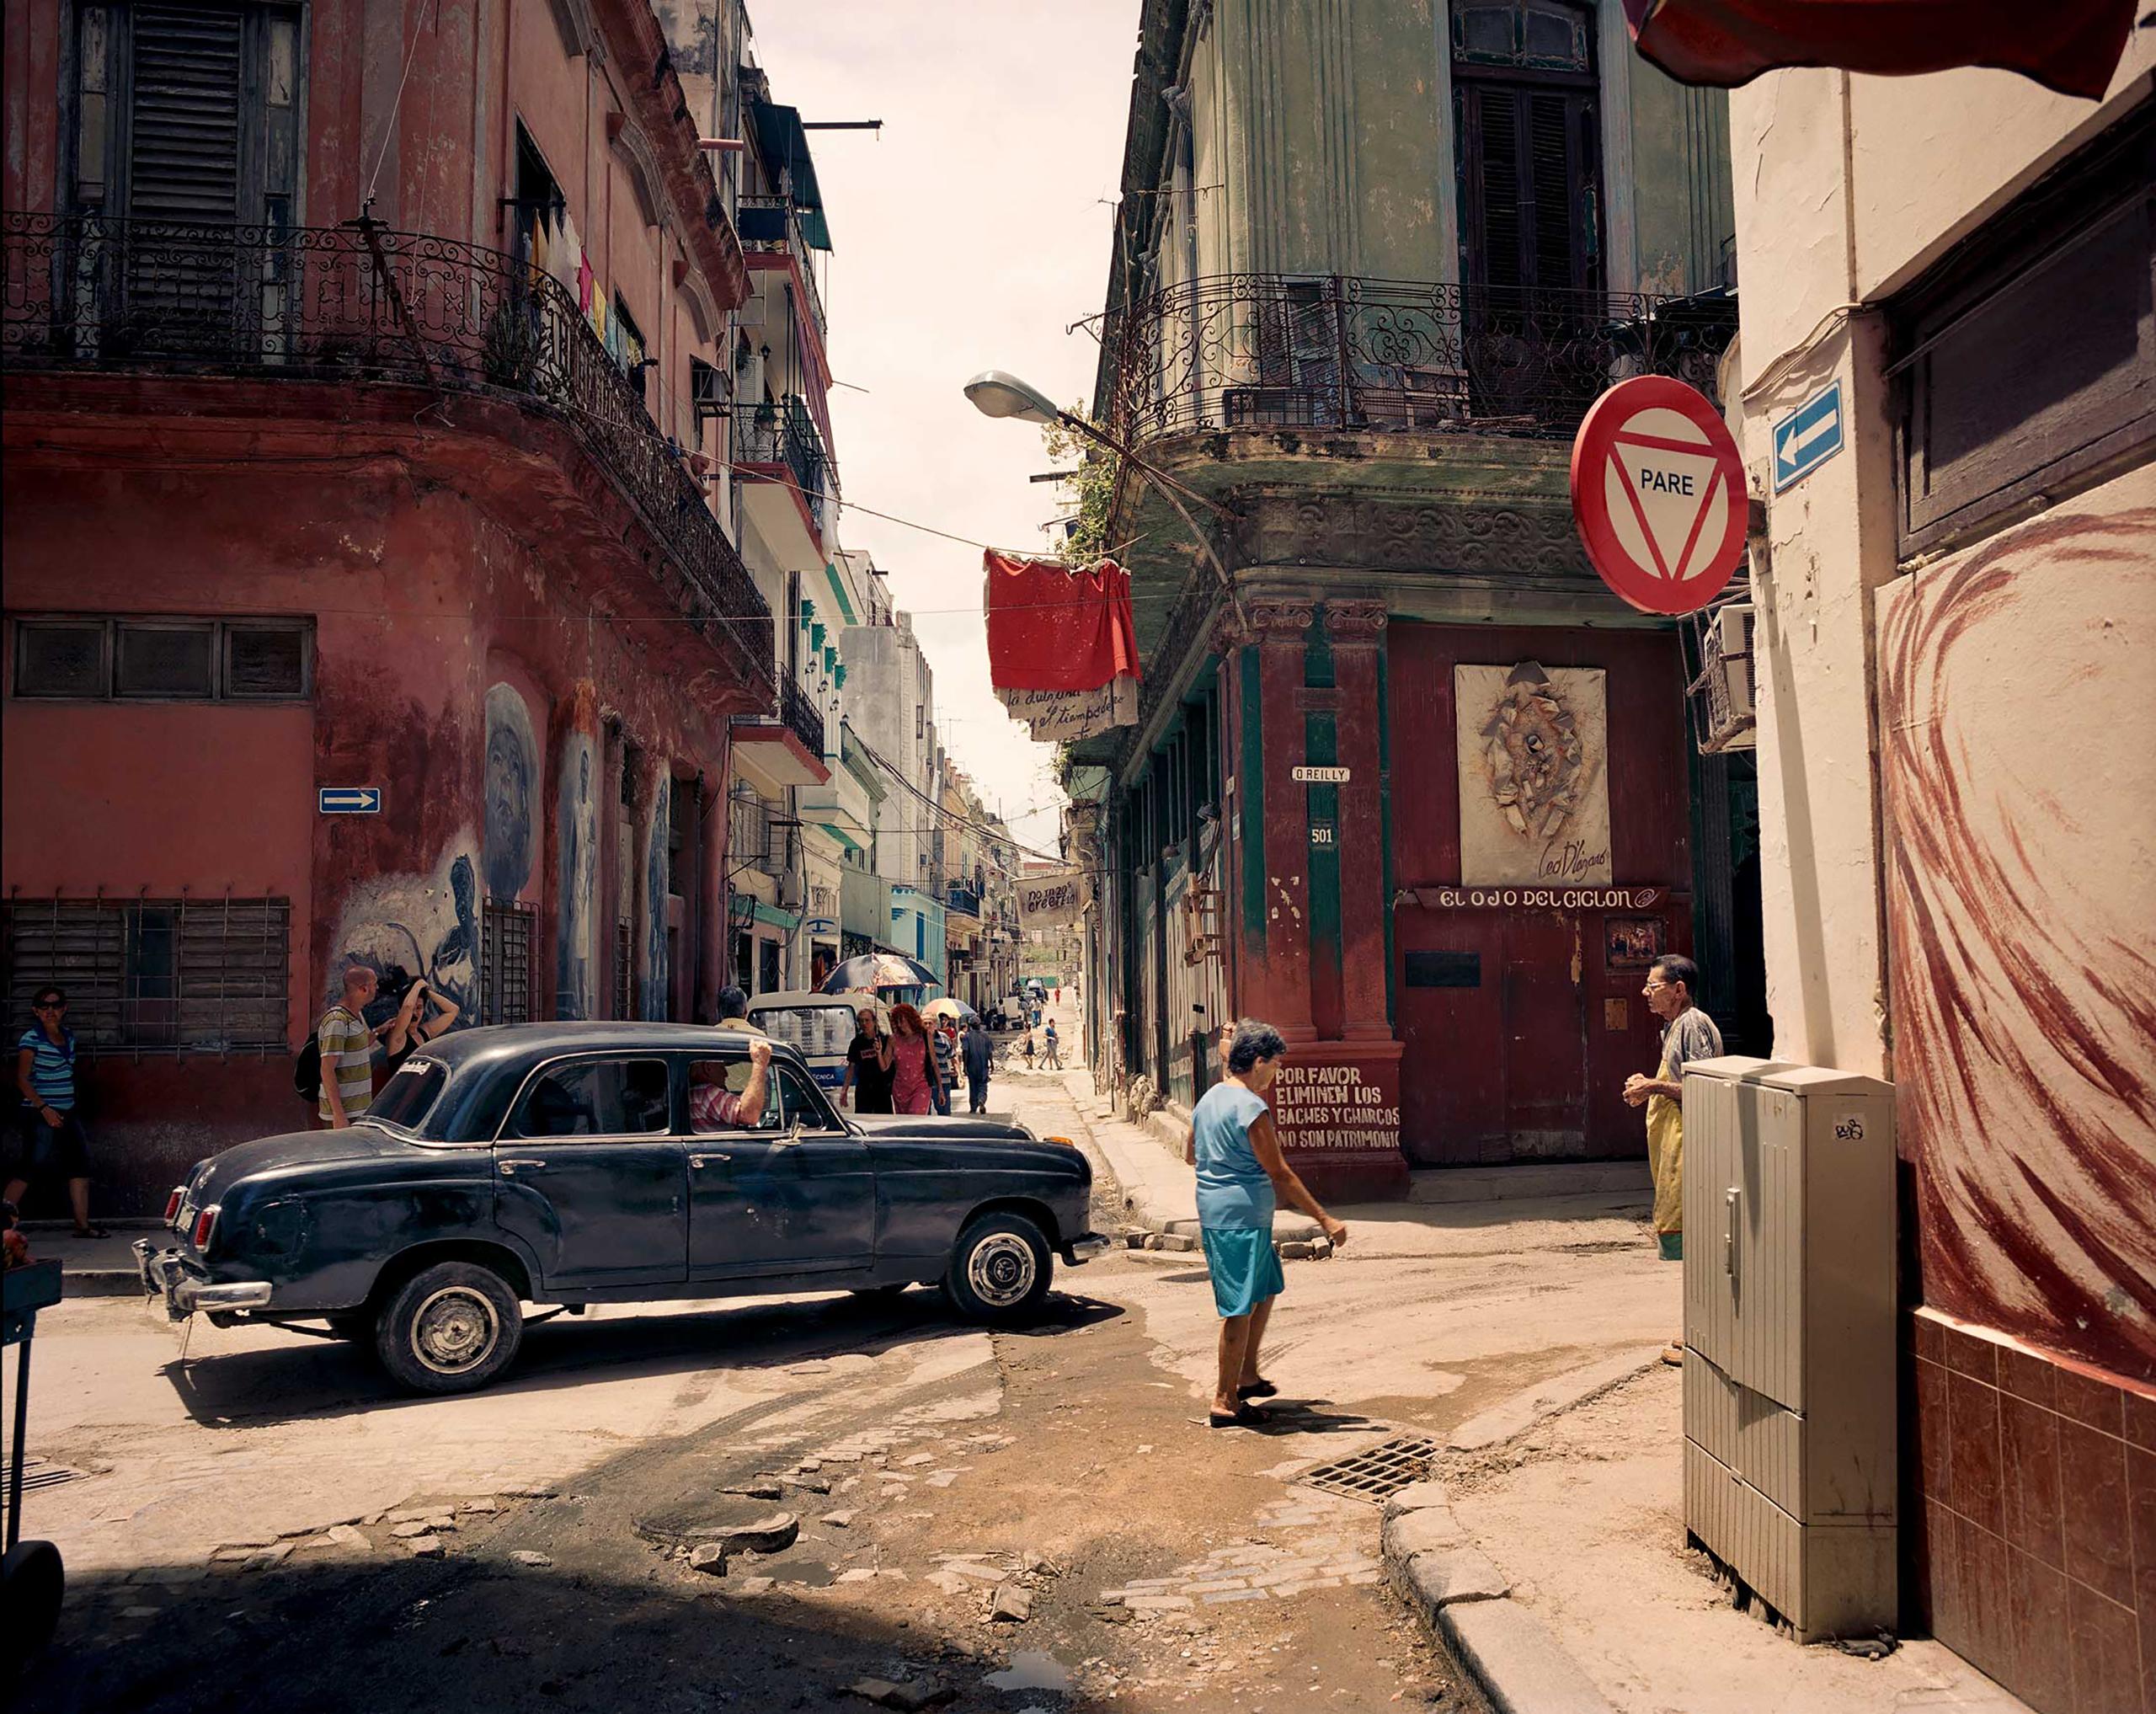 A street scene in Havana, Cuba.